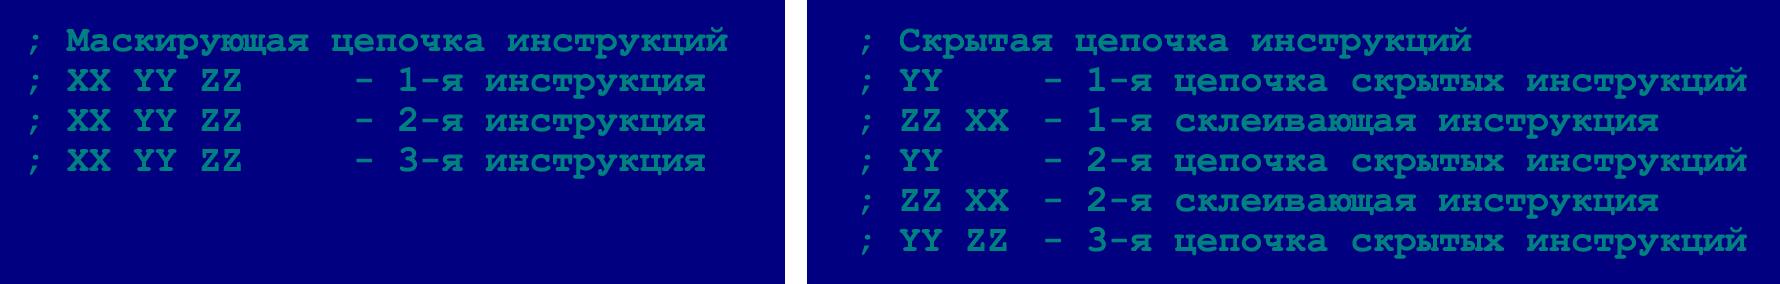 Как написать на ассемблере программу с перекрываемыми инструкциями (ещё одна техника обфускации байт-кода) - 2